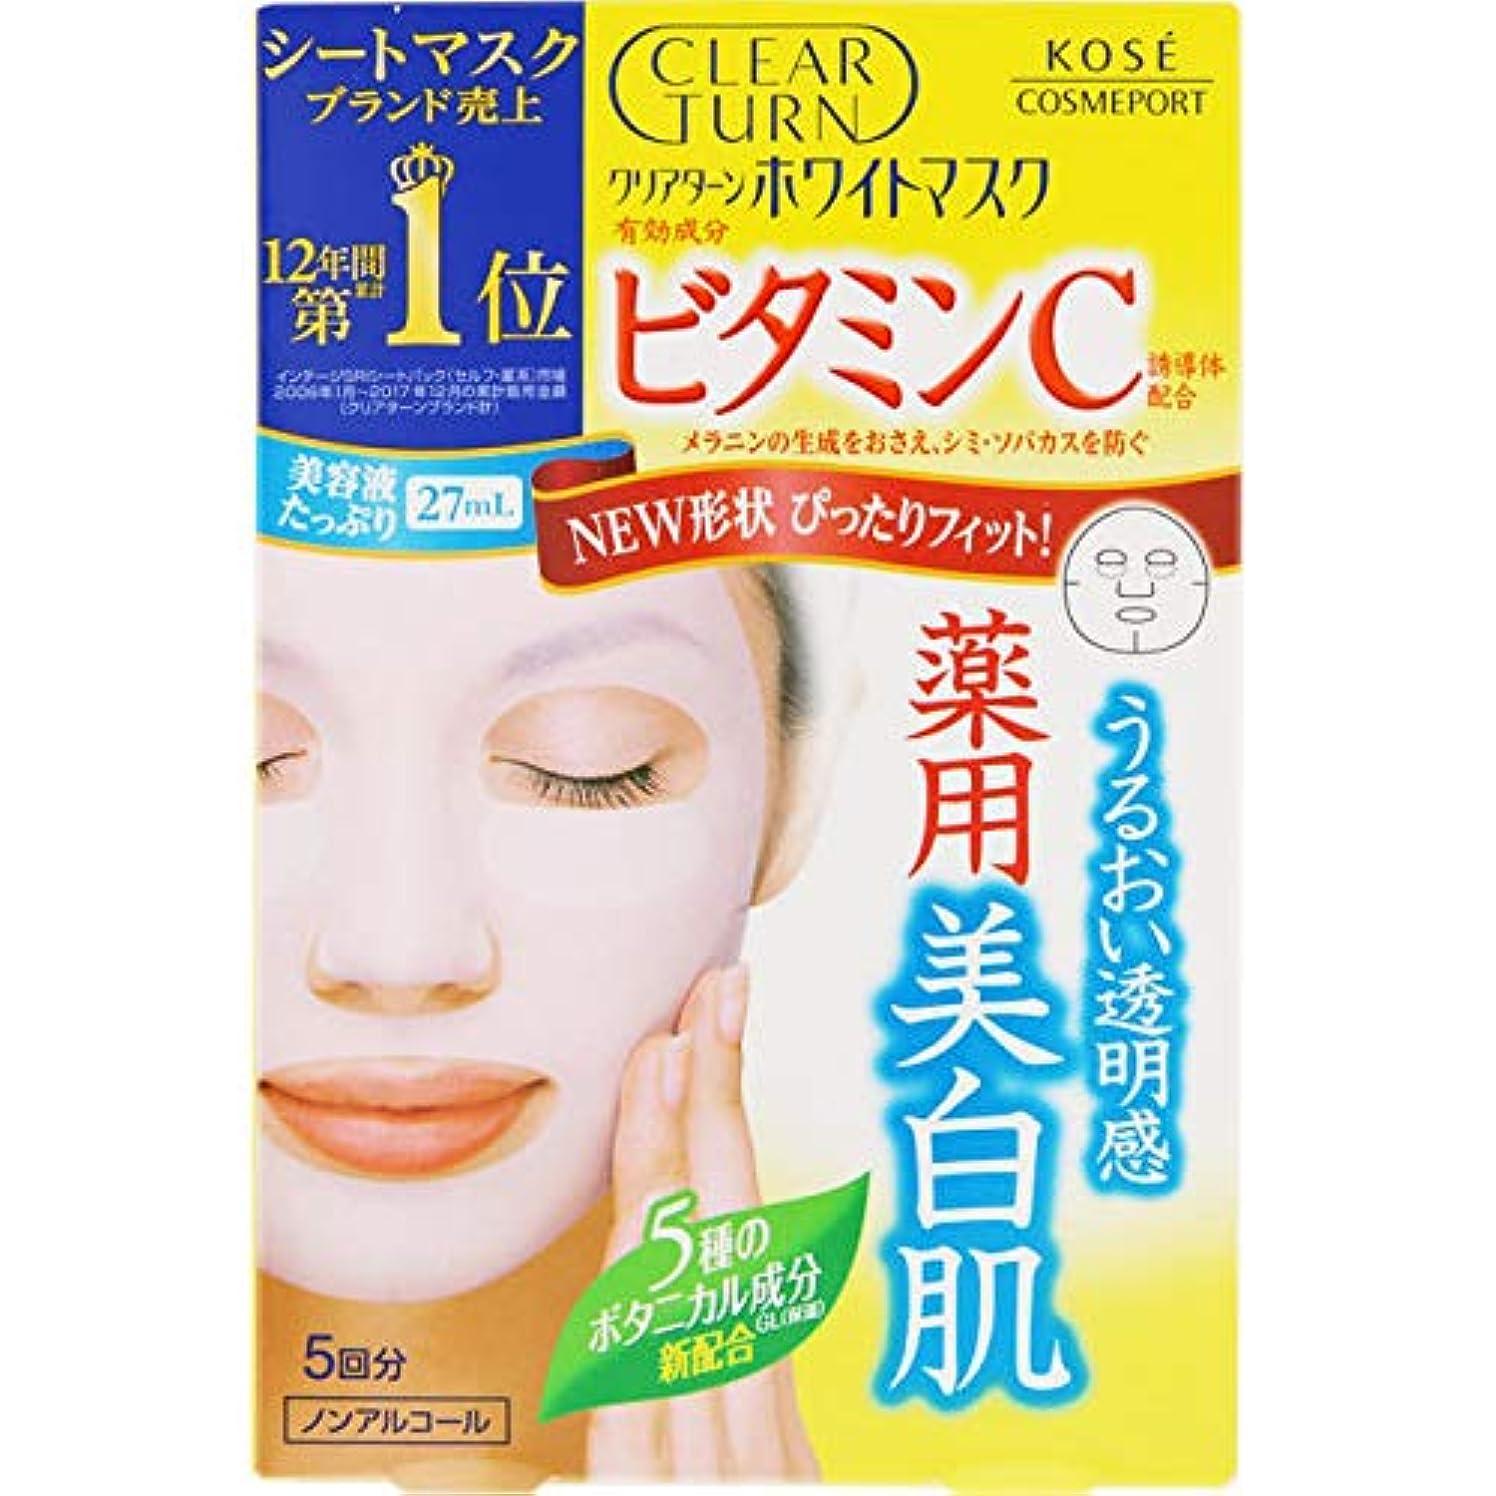 魅力的であることへのアピール盟主そのようなコーセー クリアターン ホワイト マスク (ビタミンC) 5回分